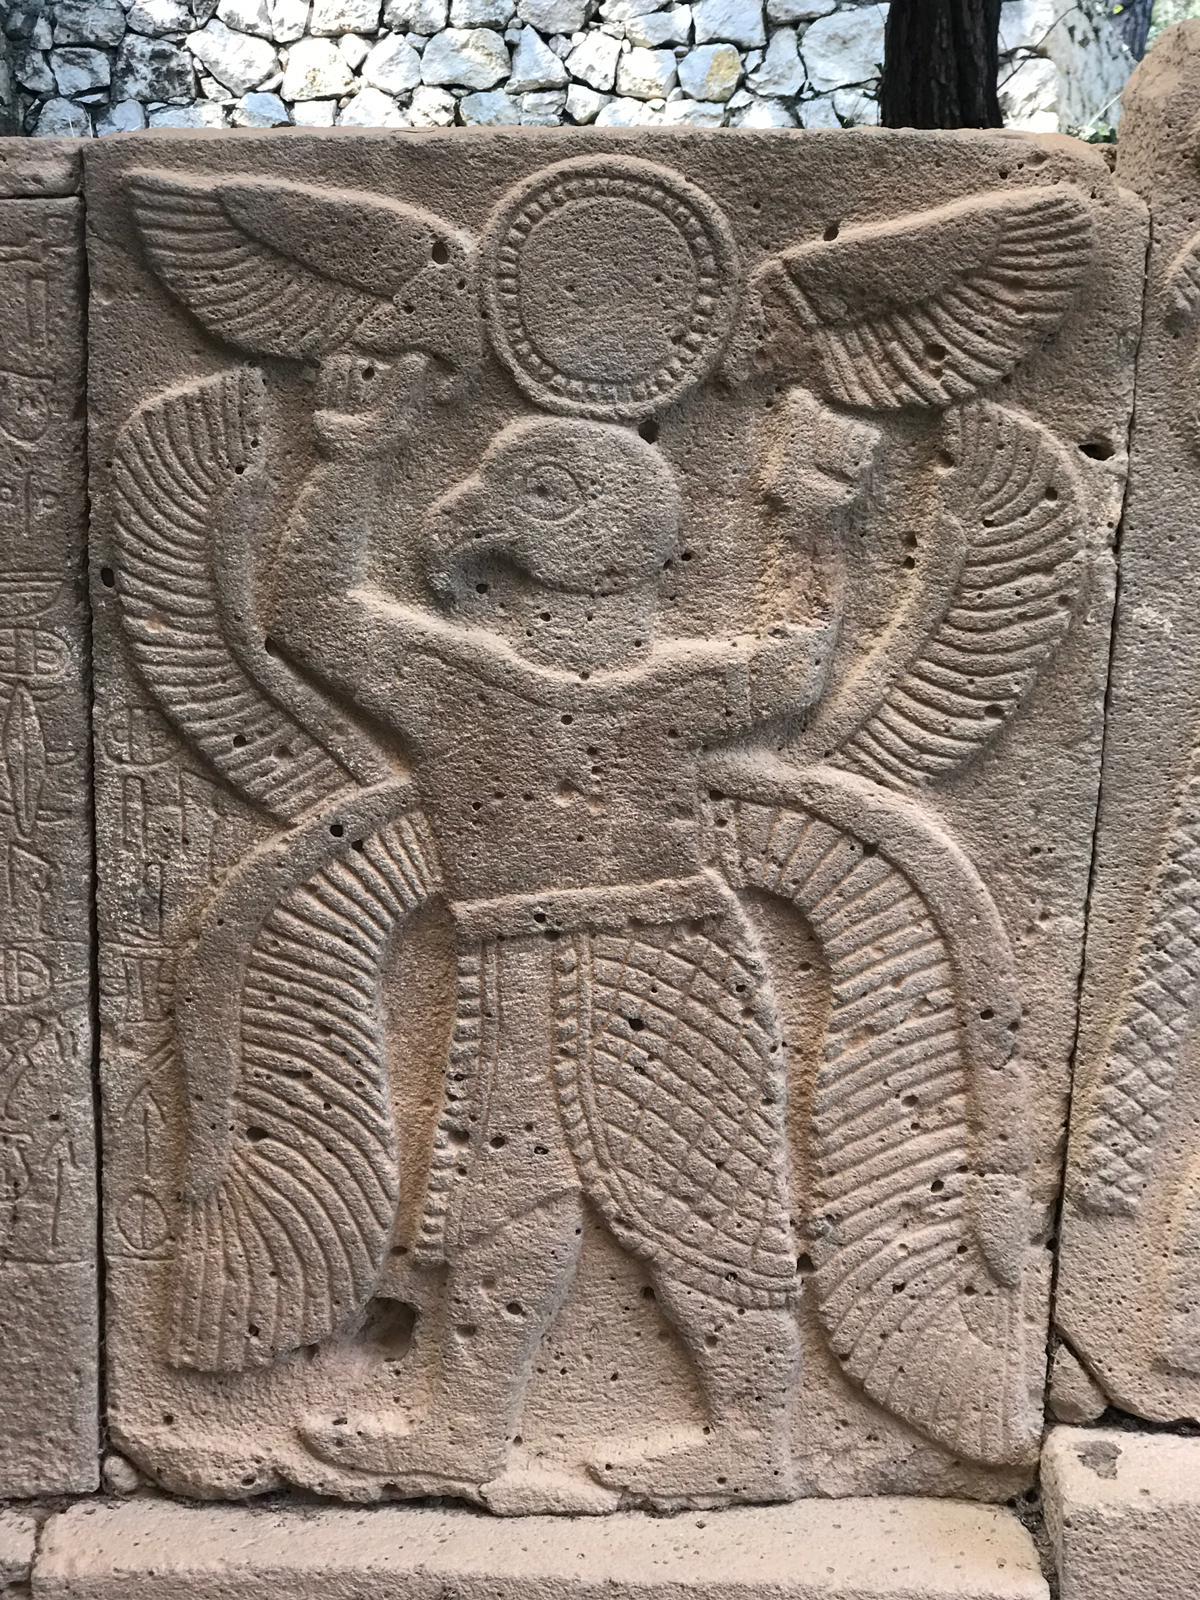 Hititler'in Avrupa uygarlığını etkileyen gizli tarihi Osmaniye'de, Karatepe-Aslantaş'ta